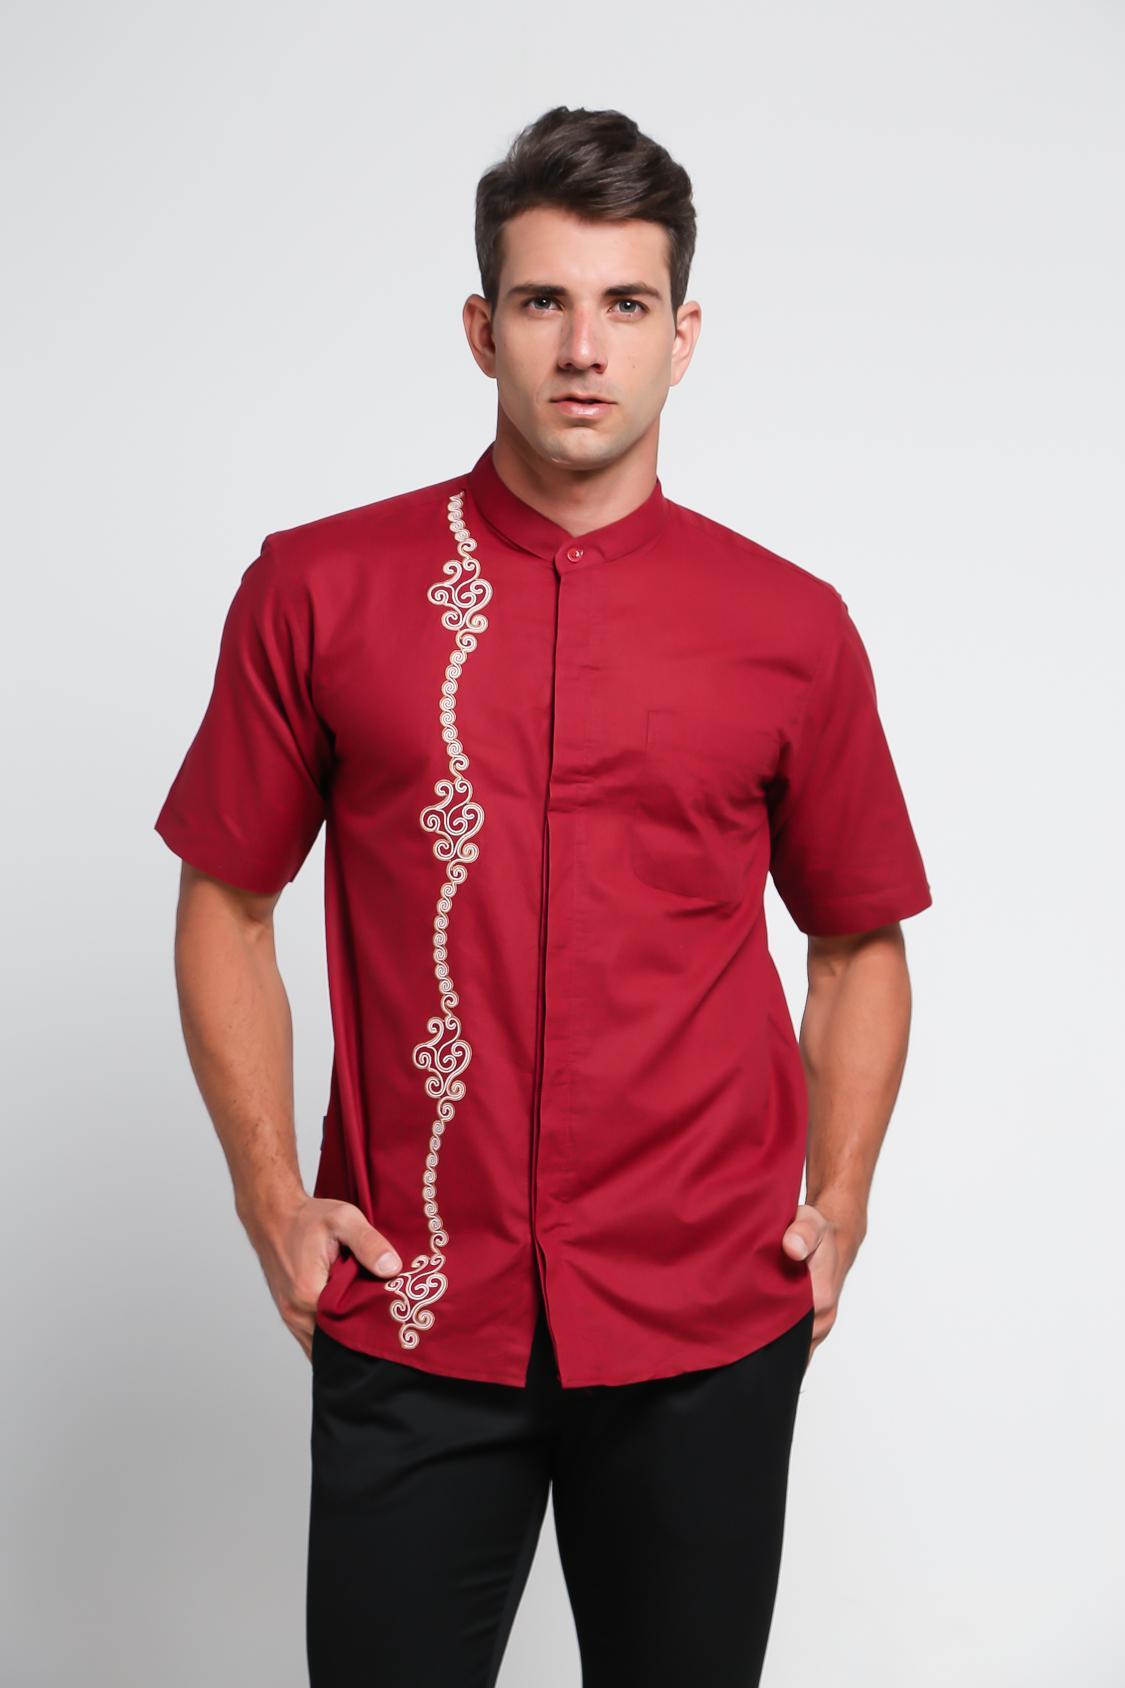 Koko Pria Motif Bordir Minimalis Lengan Pendek warna Khakis Maroon - Aitana Koko YN-18032